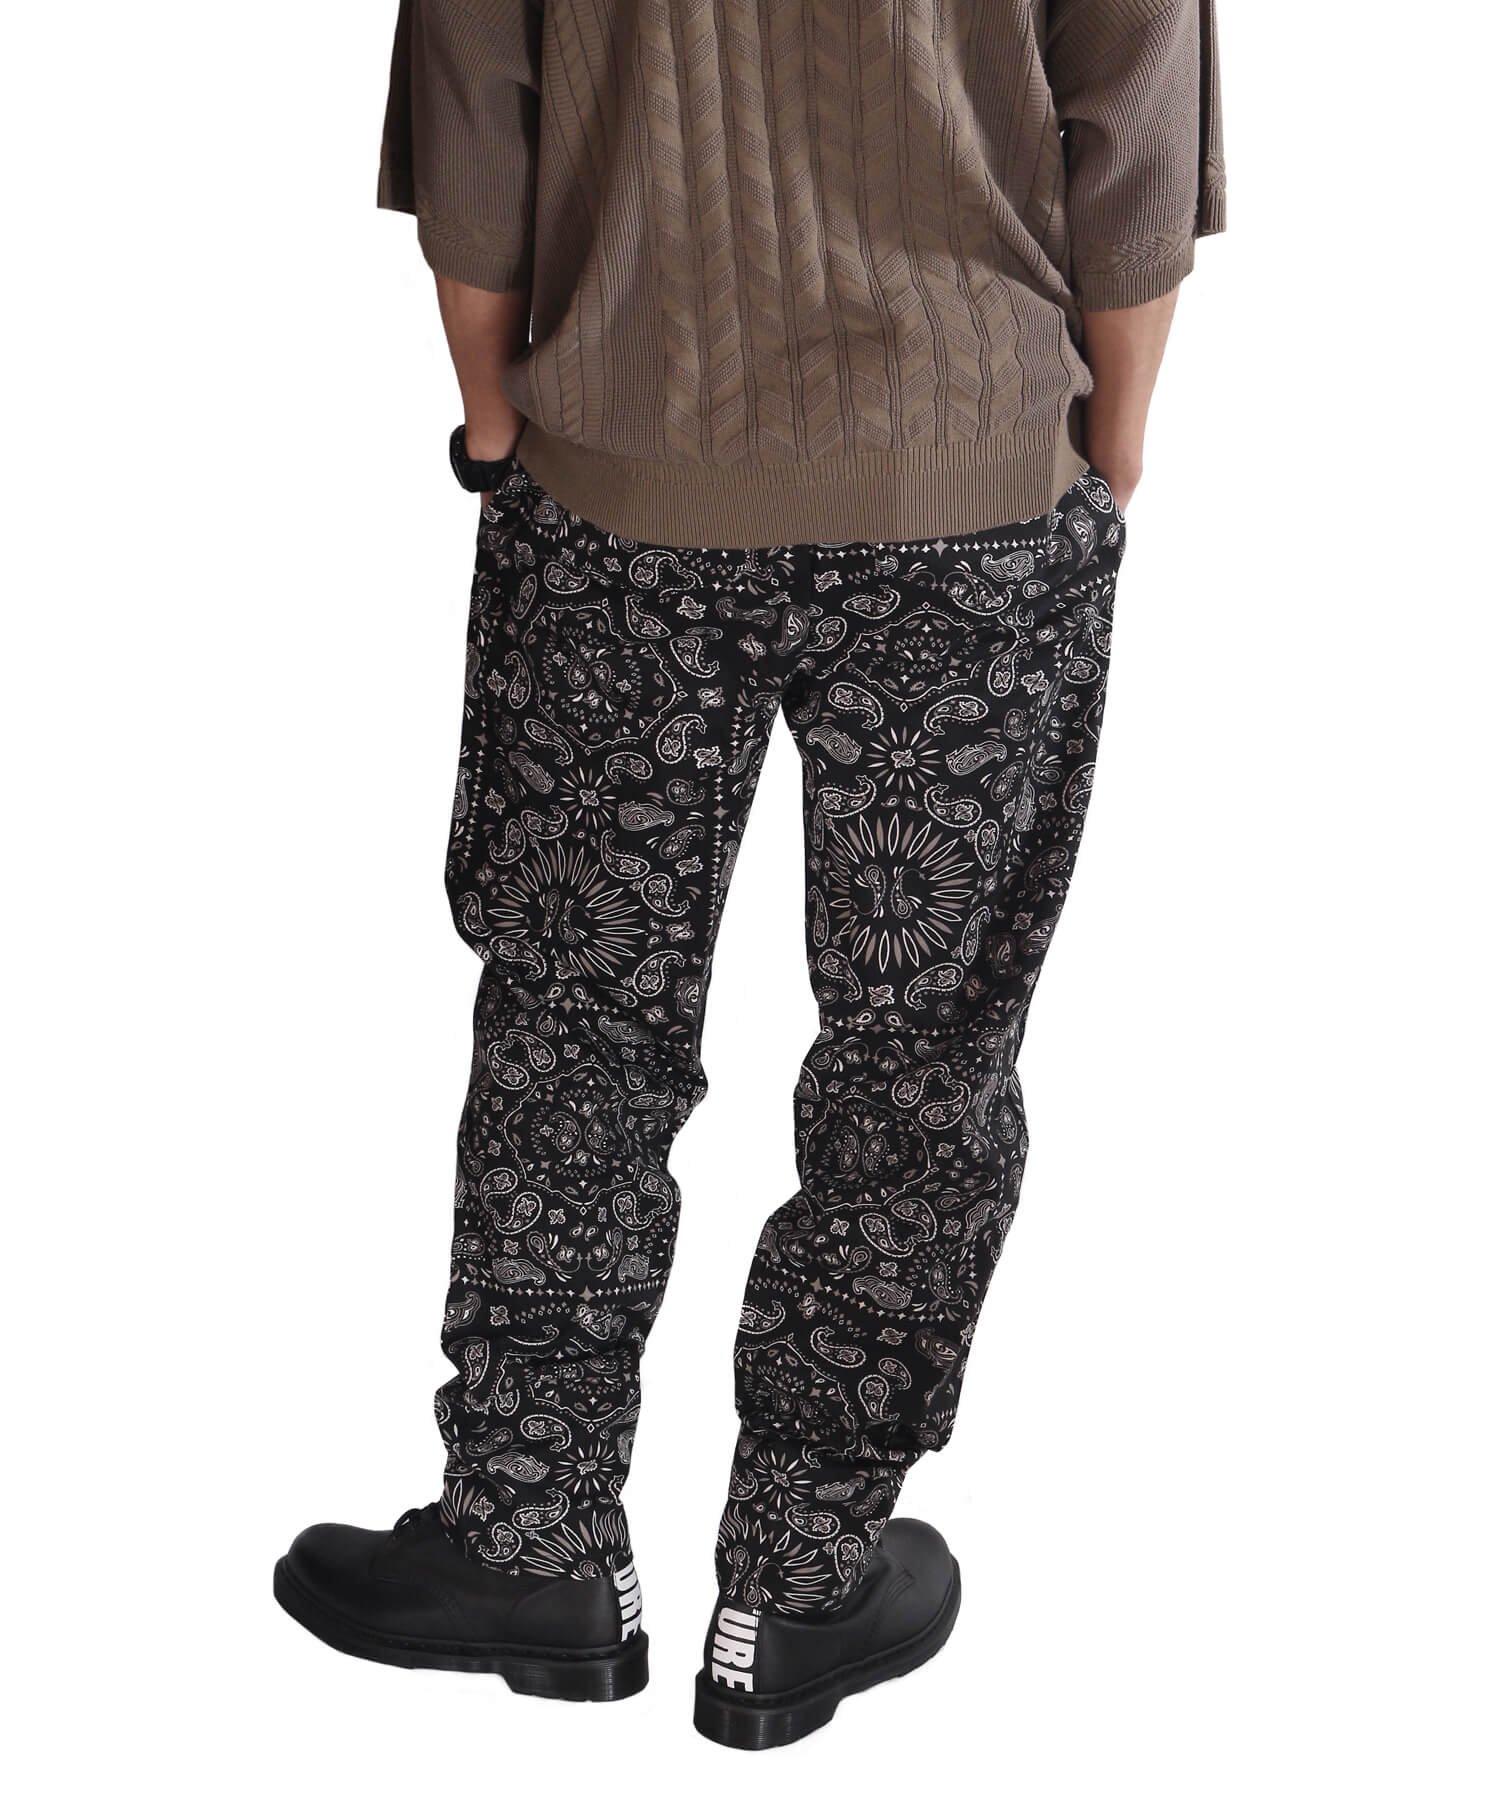 COOKMAN / クックマン   WAITER'S PANTS (PAISLEY BLACK):ウェイターズパンツ 商品画像19